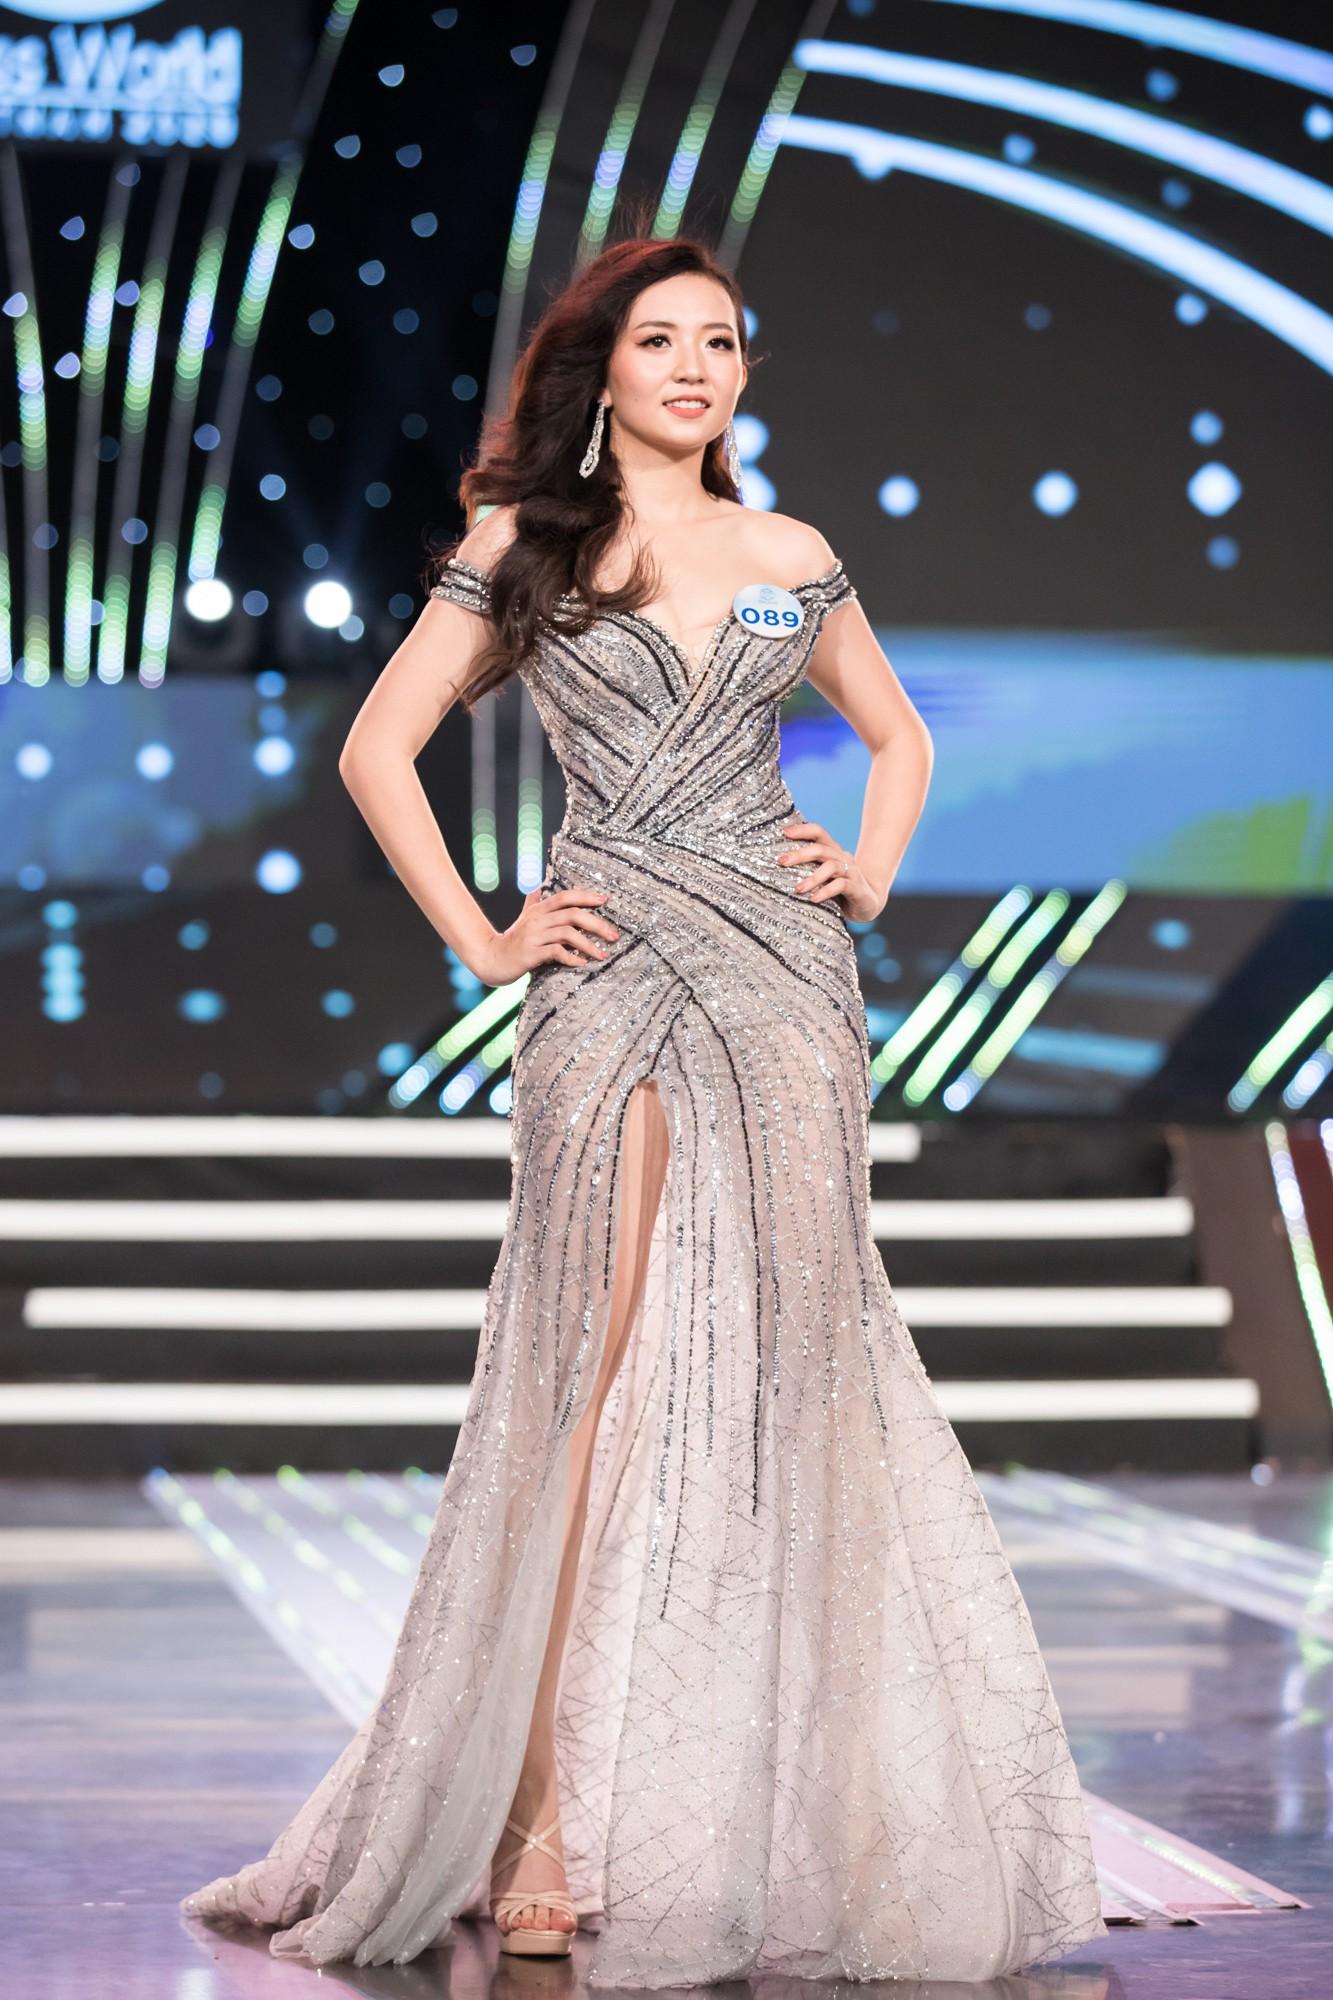 Soi nhan sắc 20 cô gái phía Bắc vừa lọt Chung kết Miss World VN: Thí sinh mặt đẹp nhất lại lộ vóc dáng đô con, thiếu đường cong-10